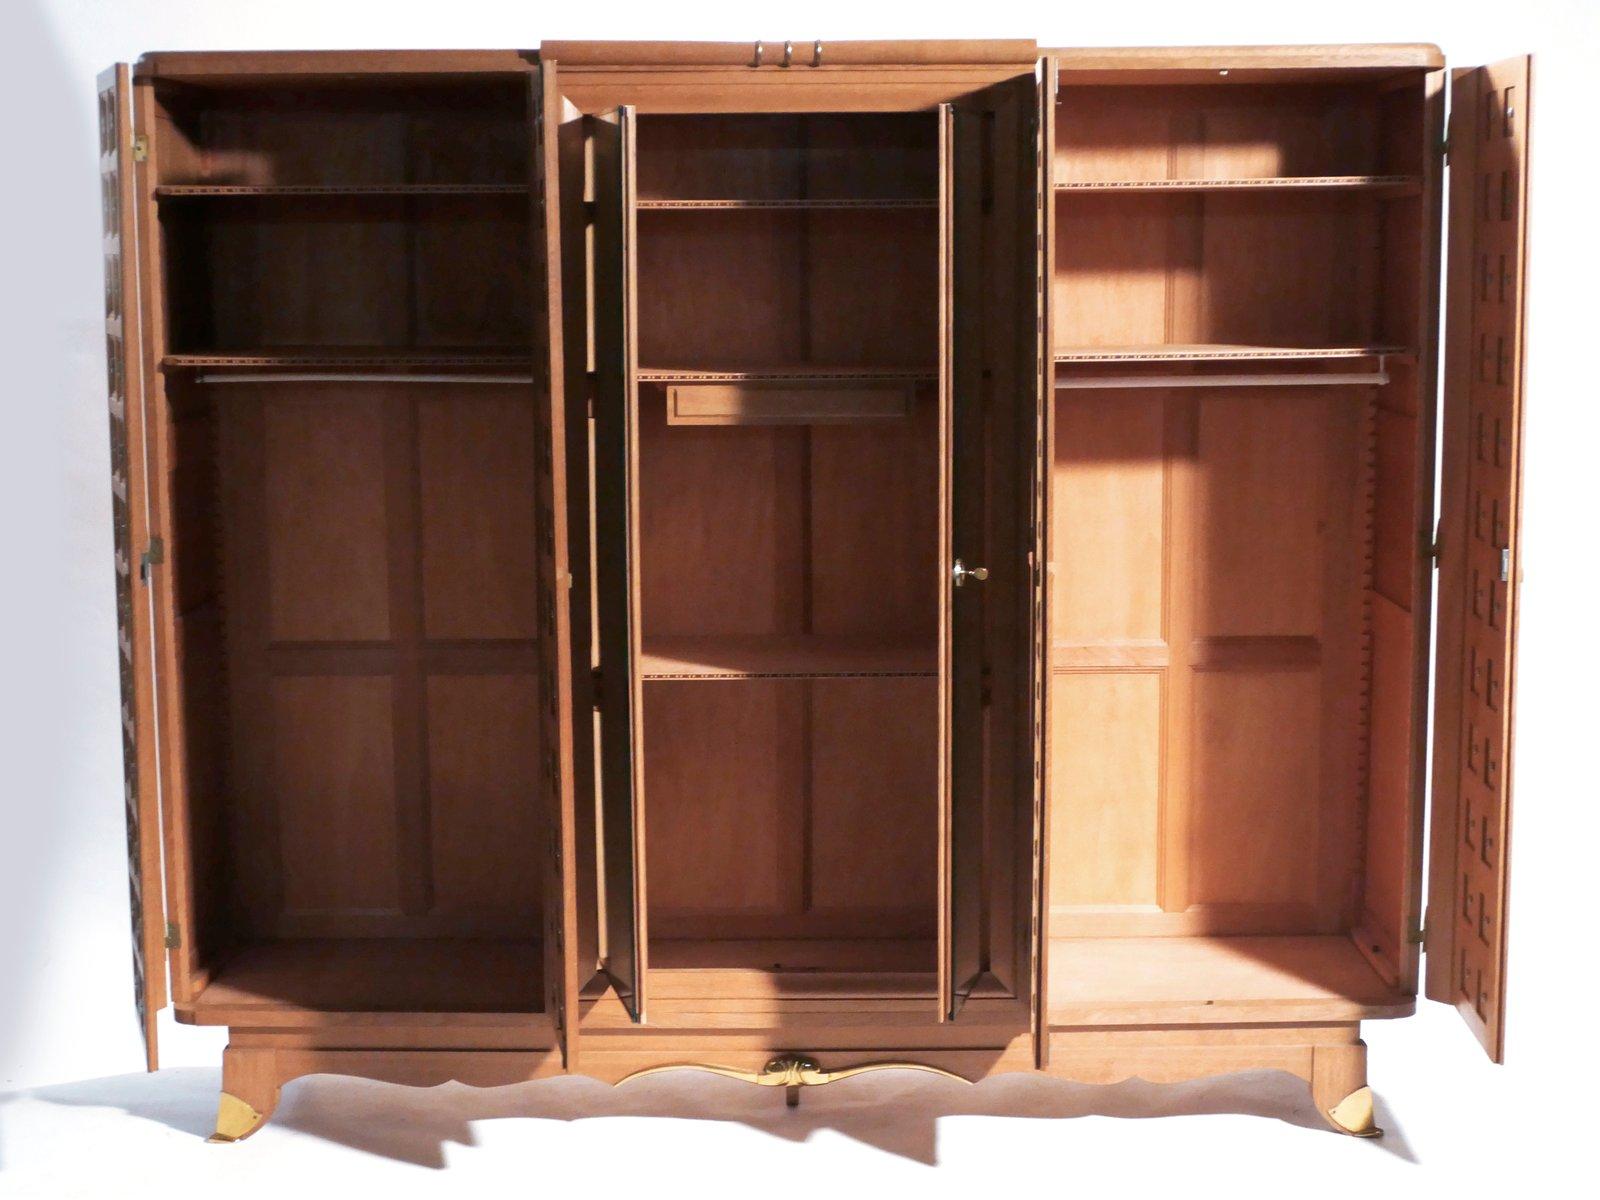 gro er verspiegelter schrank 1940er bei pamono kaufen. Black Bedroom Furniture Sets. Home Design Ideas